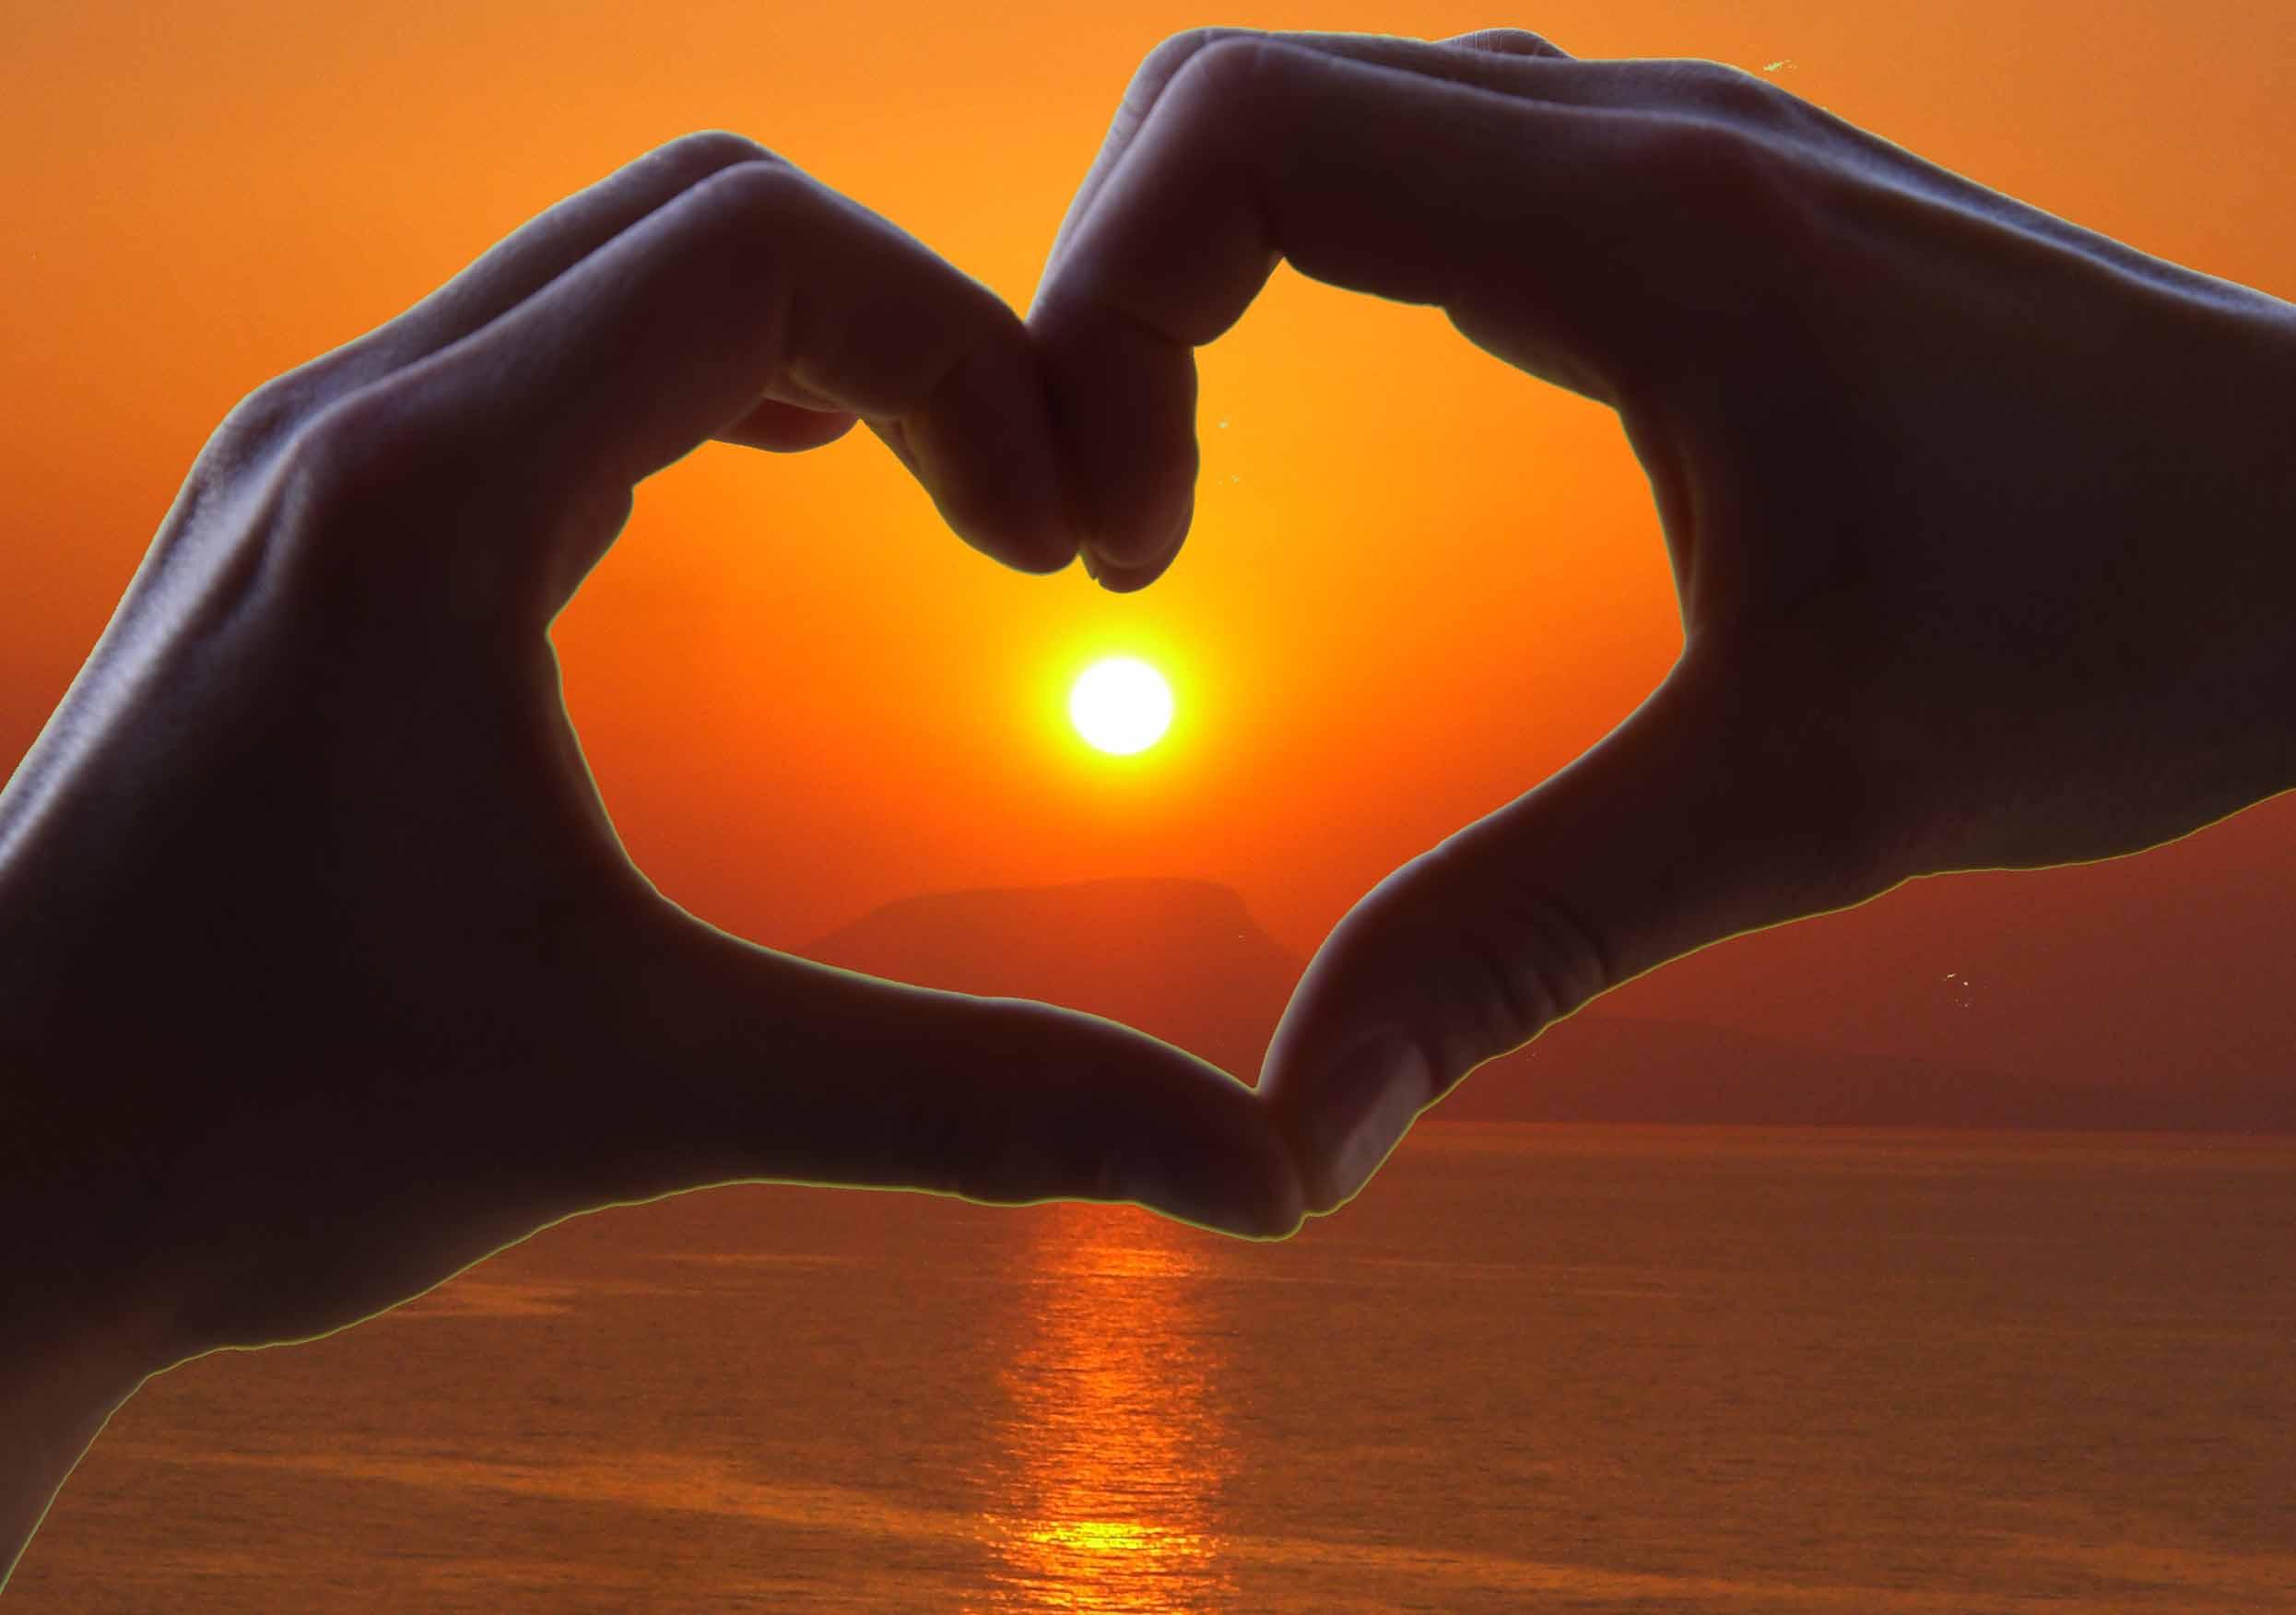 Hände Herz Sonnenuntergang - erfülltes Leben